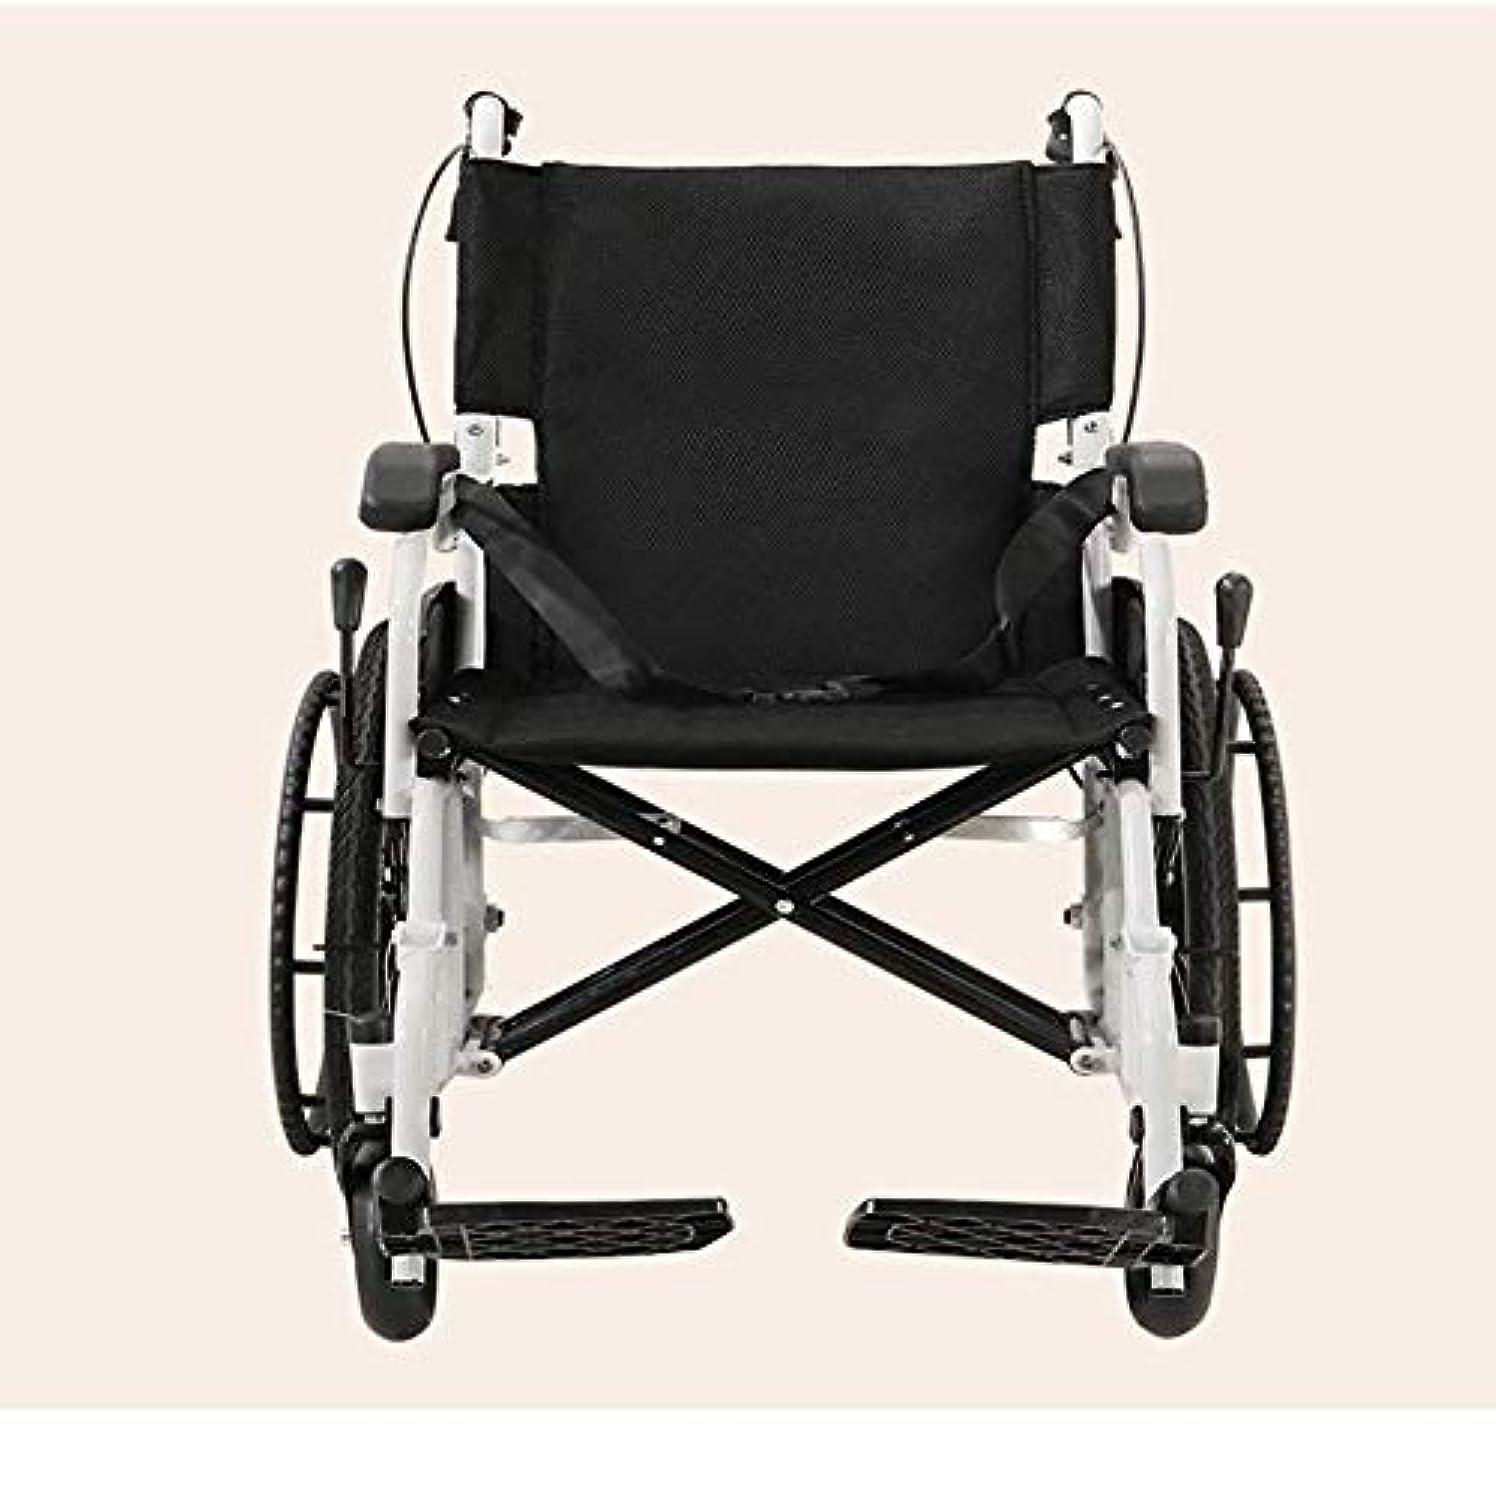 ソーダ水調和はちみつ軽量車椅子、ポータブル折りたたみ収納コンパクトスチールパイプハンドブレーキモビリティドライブフットレスト車椅子